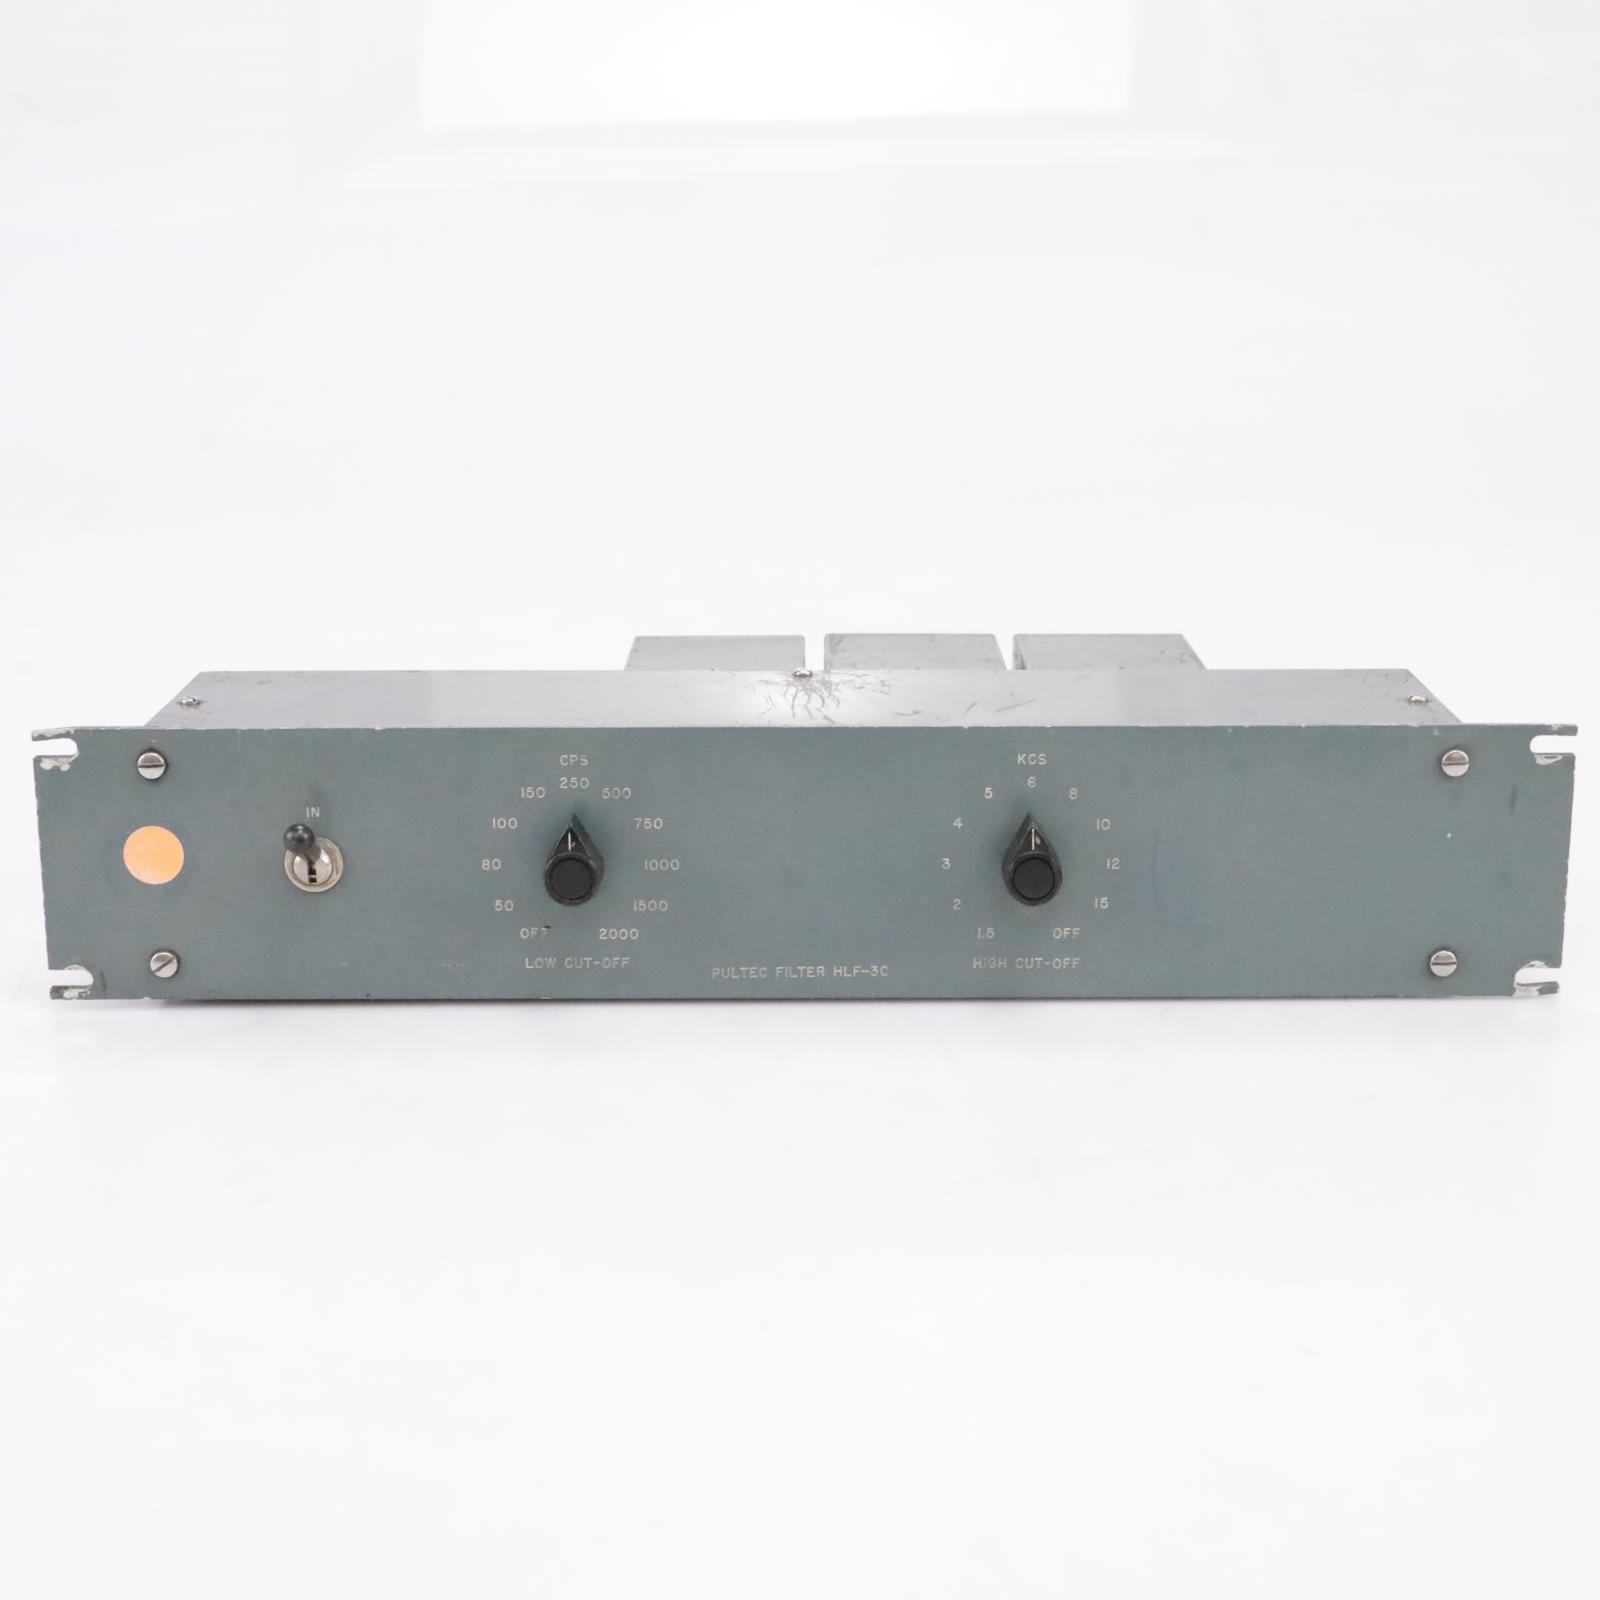 Pultec HLF-3C High / Low Cut Filter #43804